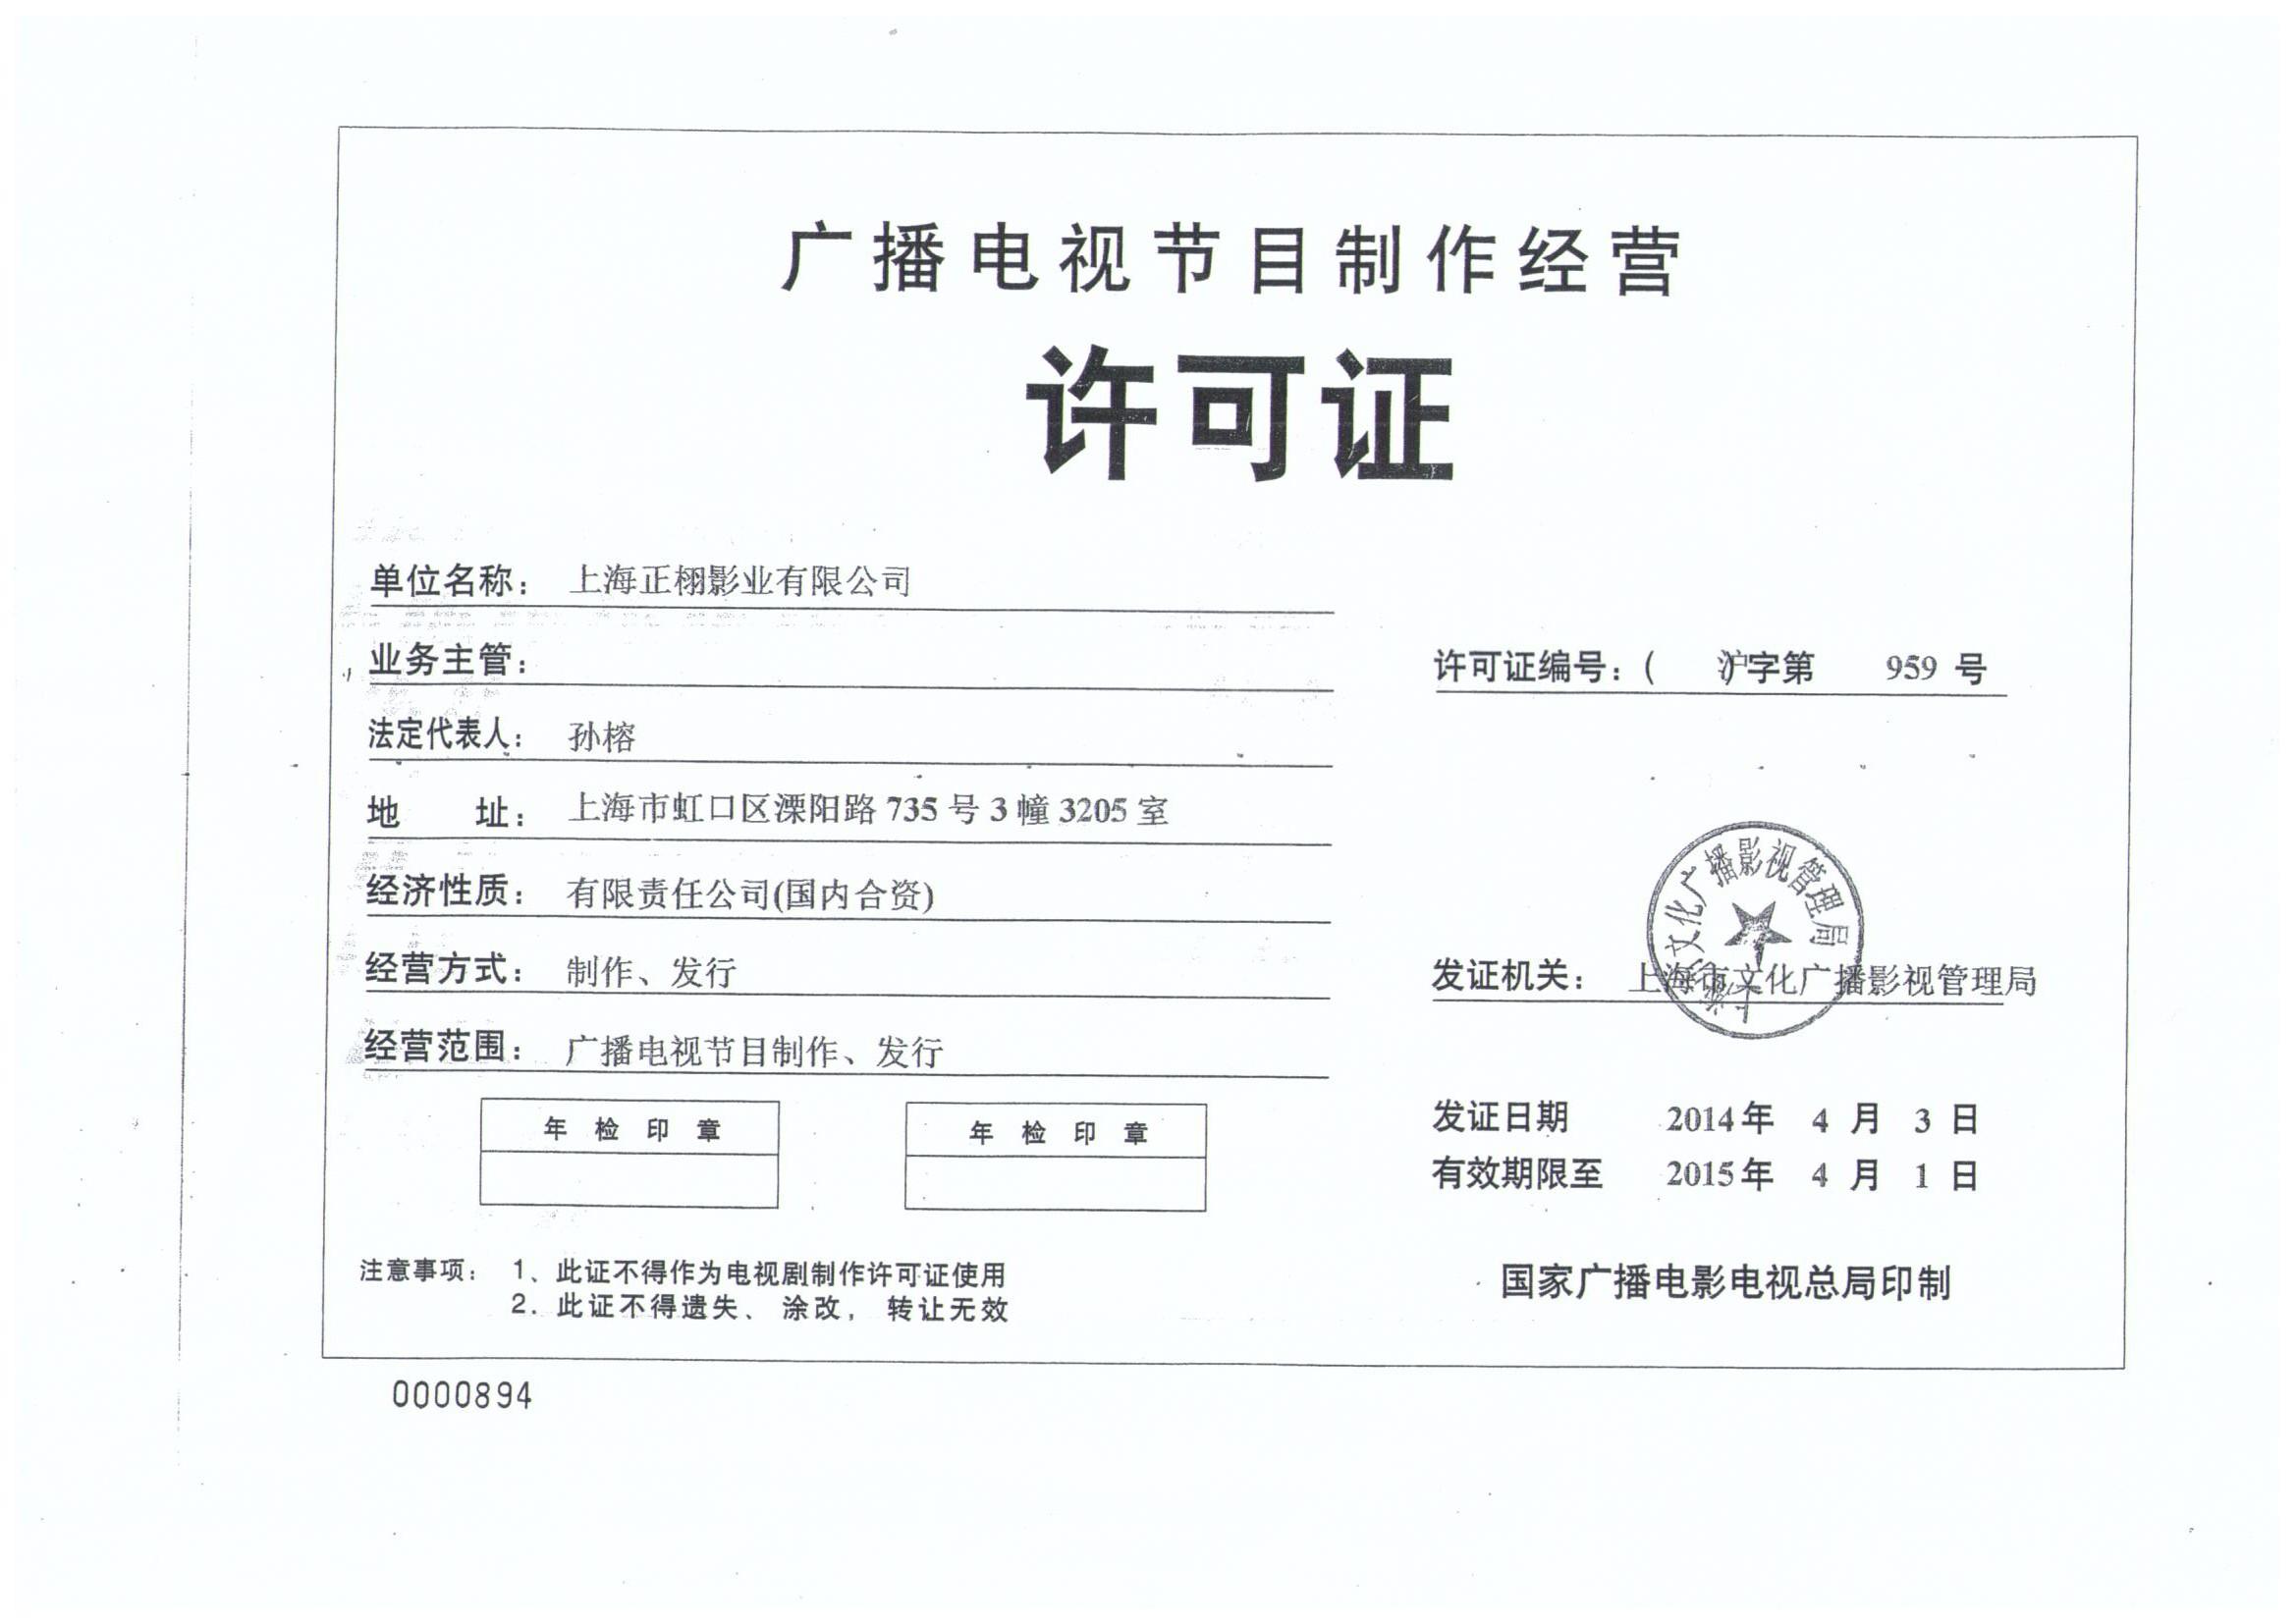 设立演出经纪机构许可证